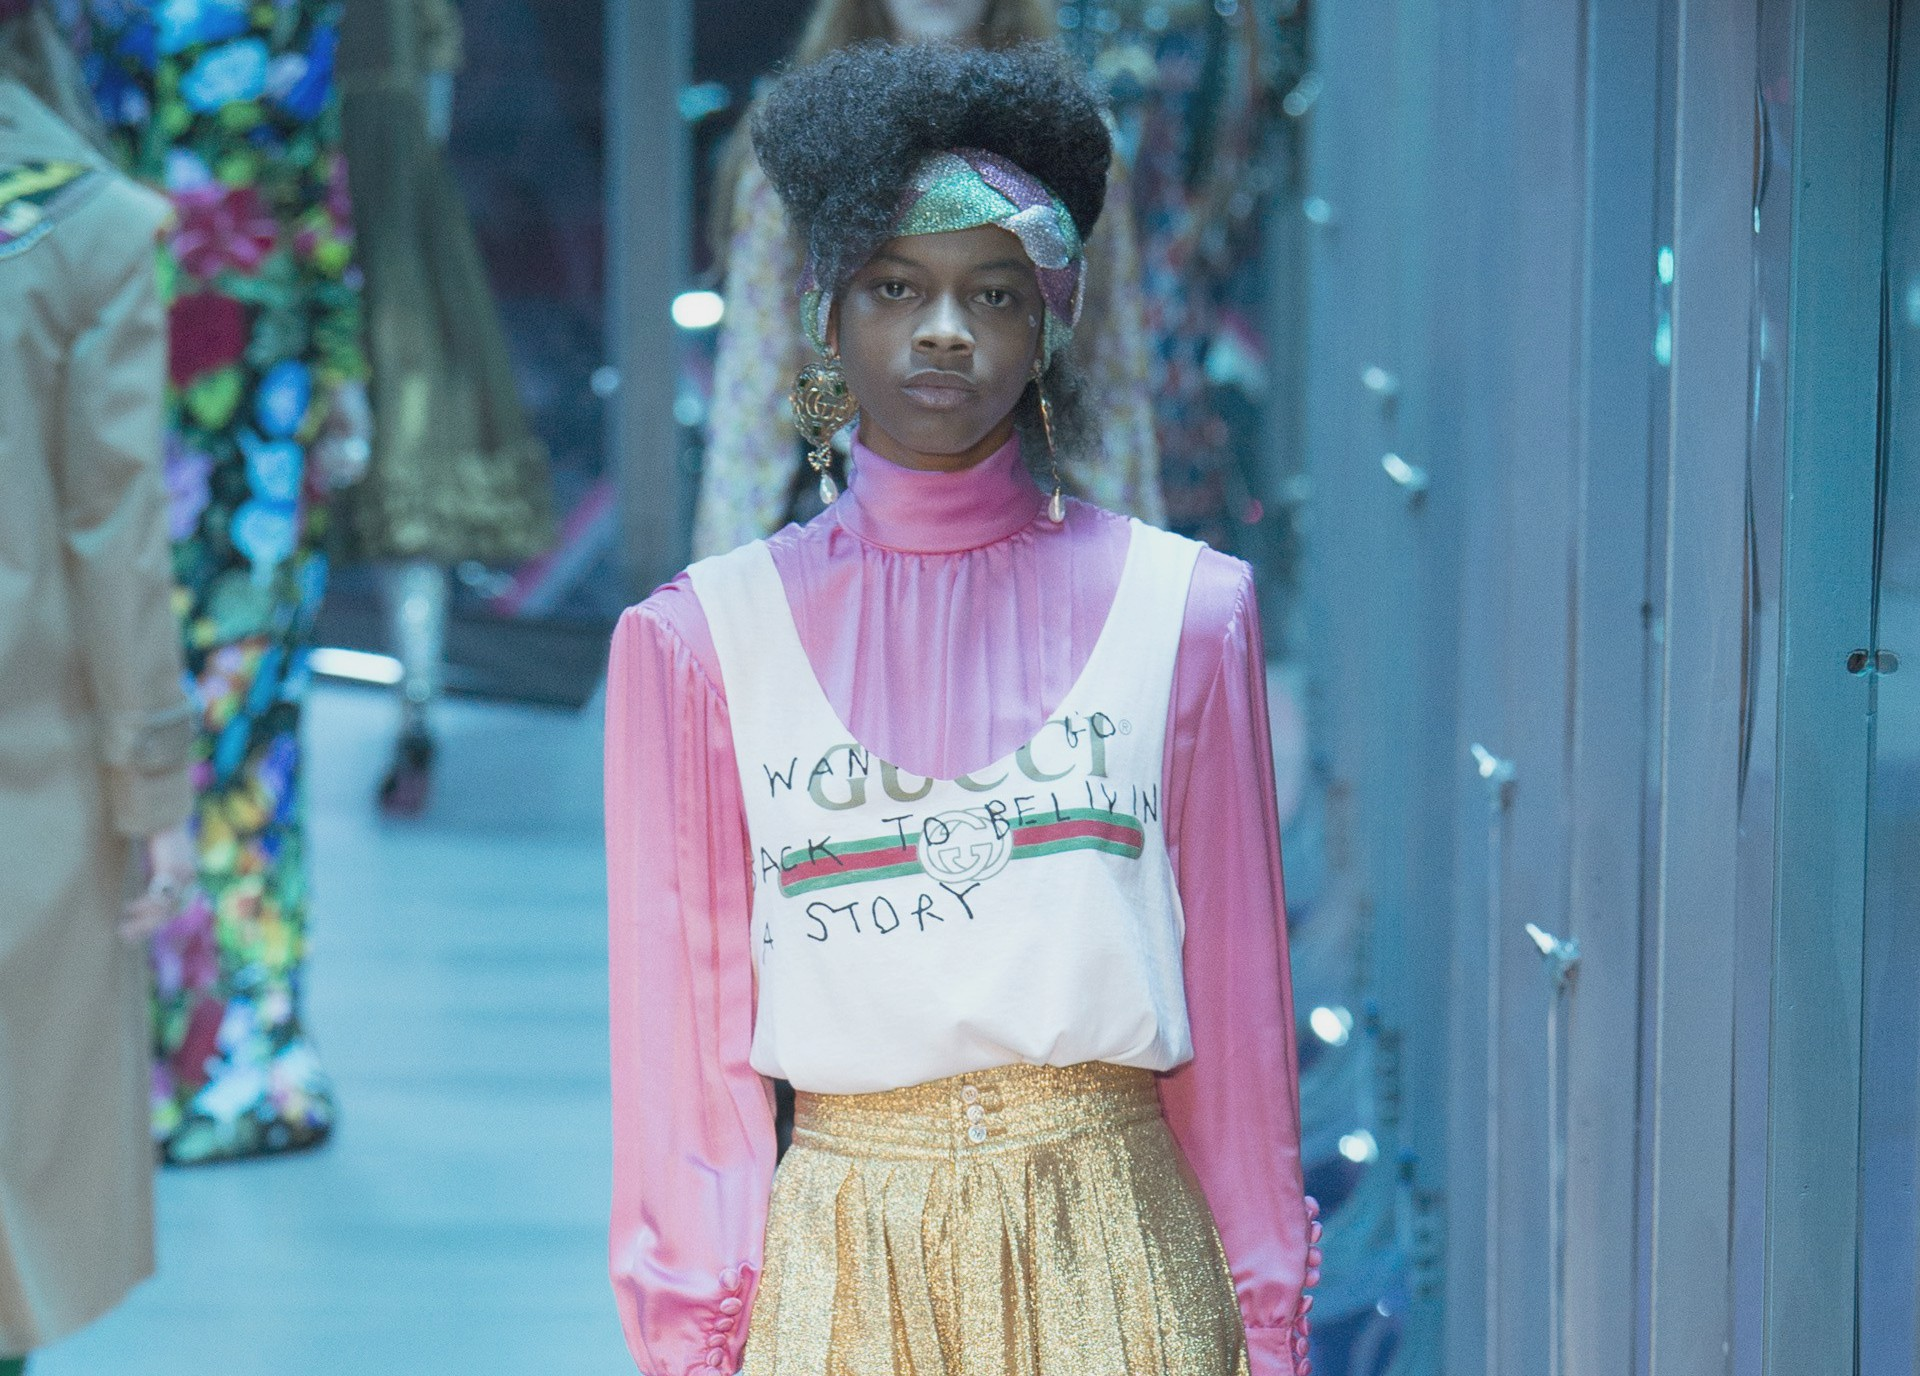 Antrekk fra catwalken til Gucci sin høstkolleksjon for 2017 - utvalgt som en av høydepunktene under MIlano Fashion Week - Motenyheter